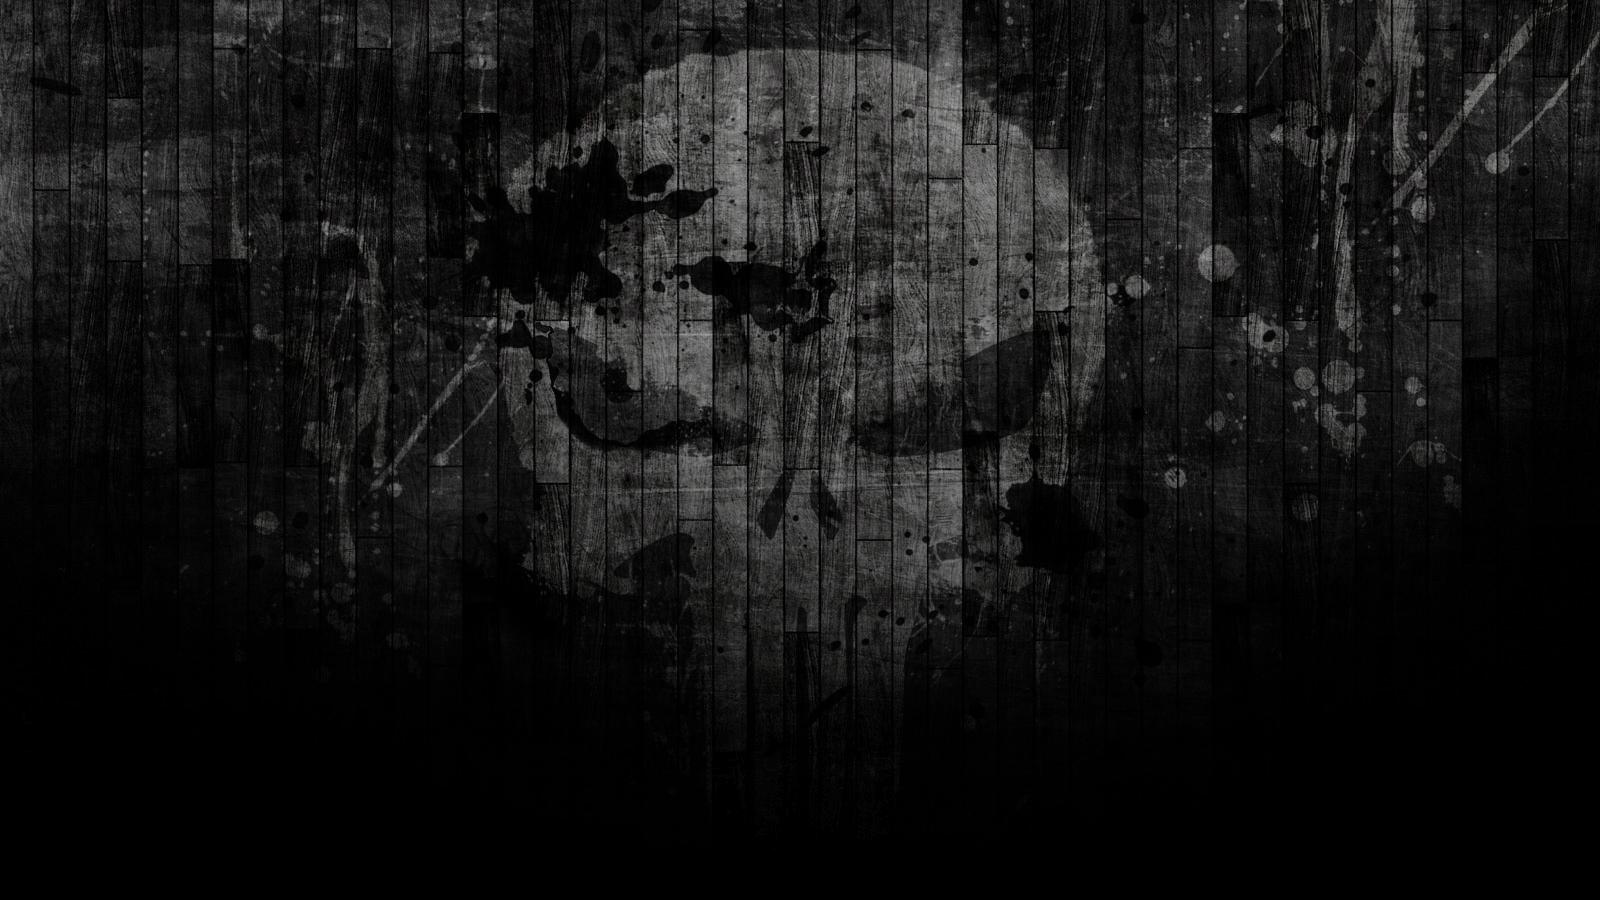 The Punisher | Wallpaper by Squiddytron on DeviantArt